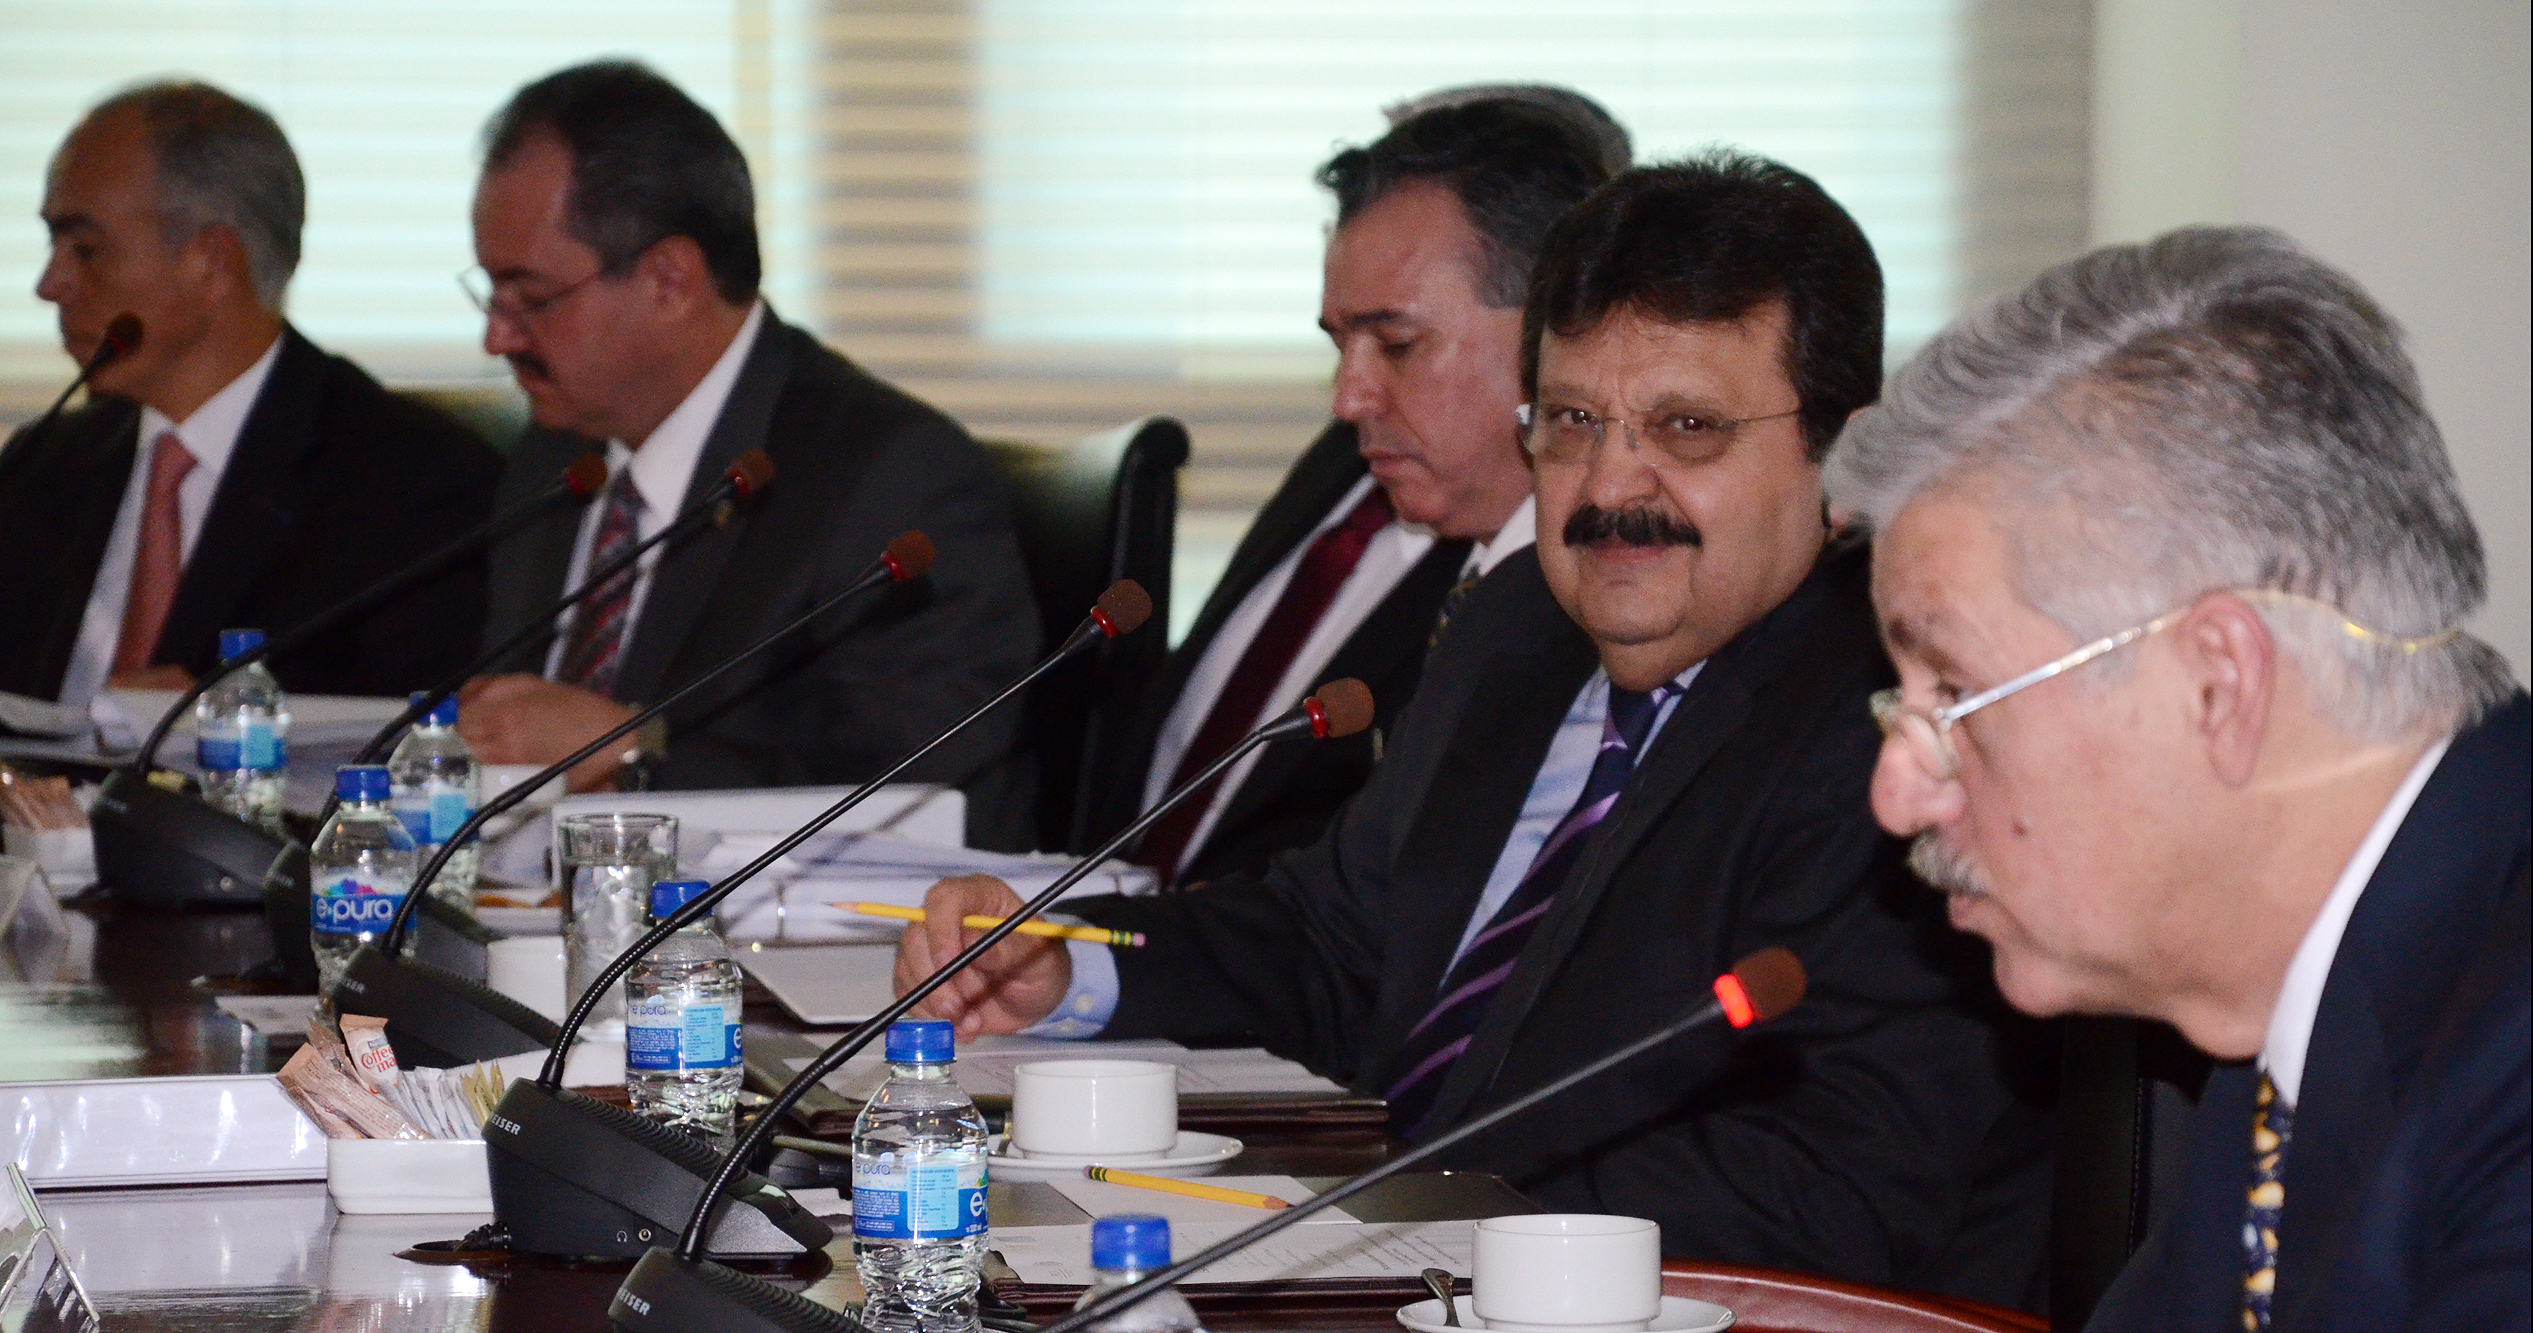 Subprocuradores y fiscales de la PGR se reúnen con Relator Especial de las Naciones Unidas